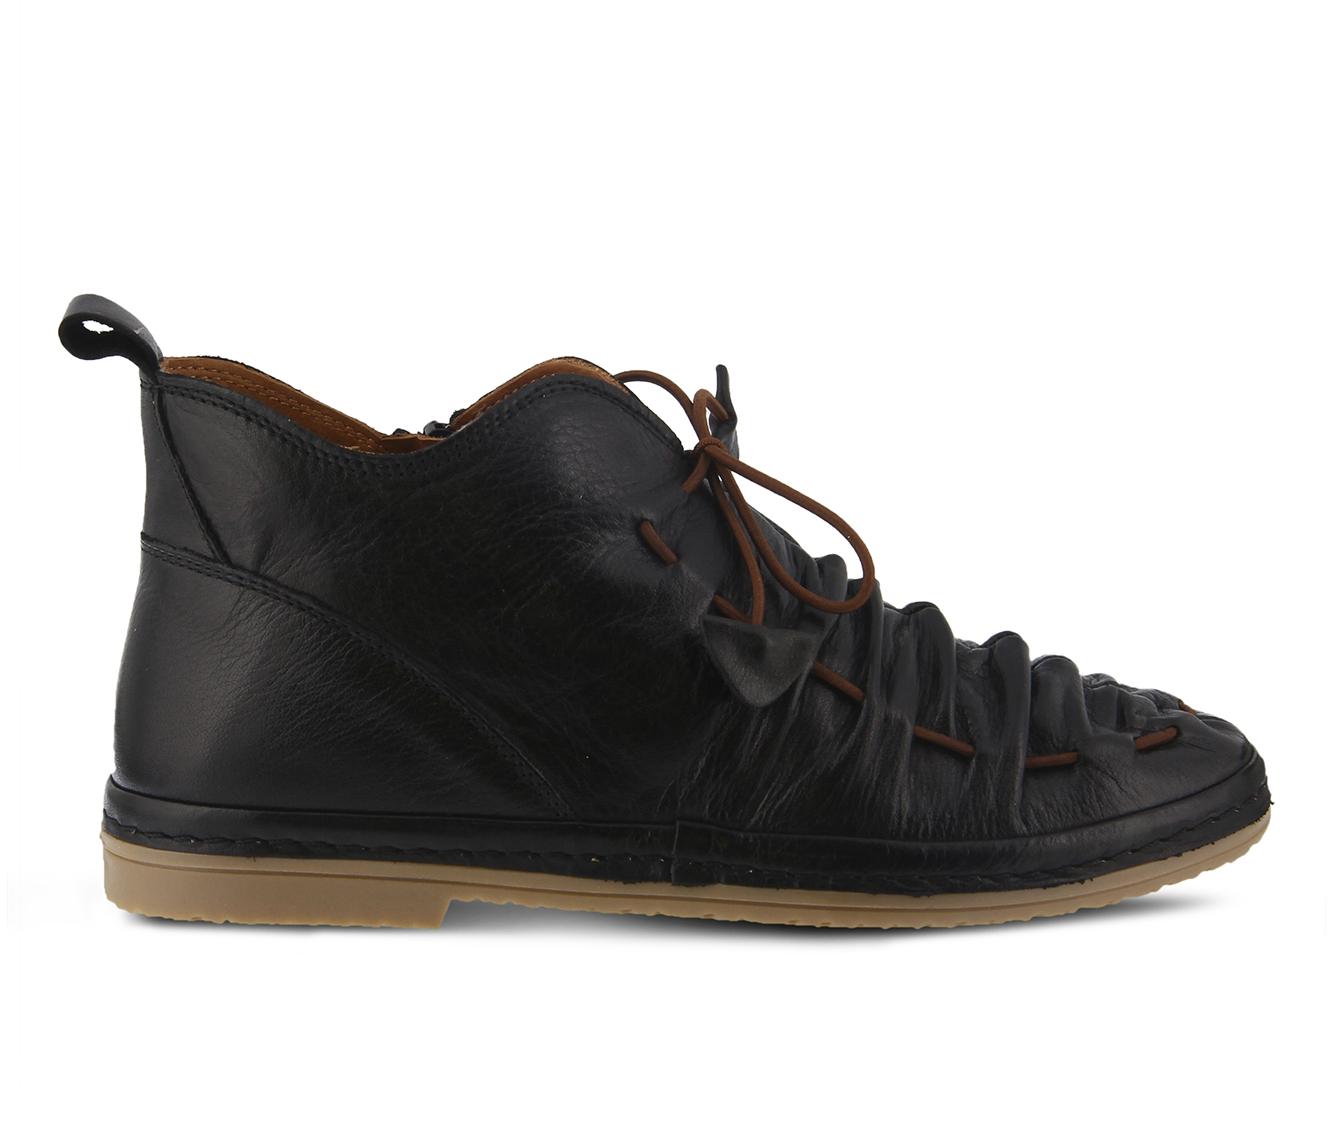 SPRING STEP Nestren Women's Shoe (Black - Leather)